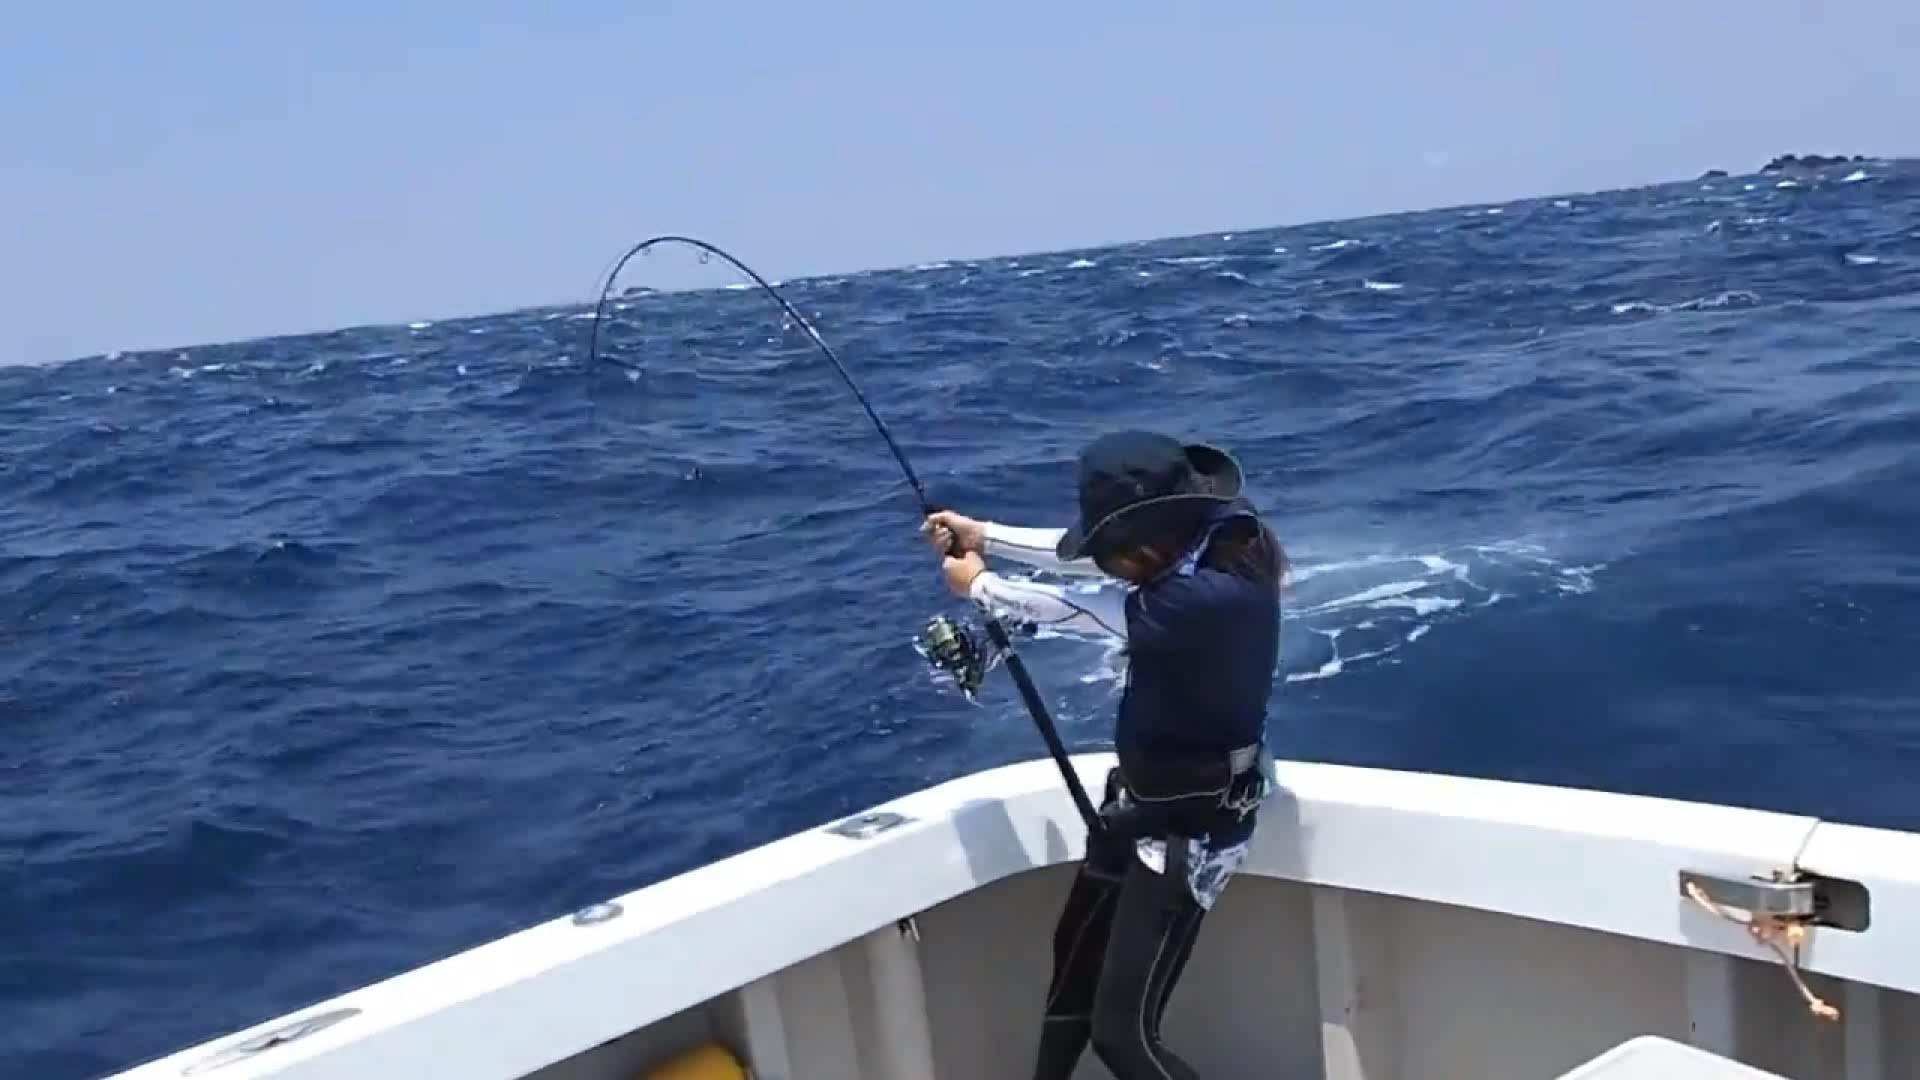 日本漂亮女孩国外钓鱼 力搏大鱼姿势一流儿